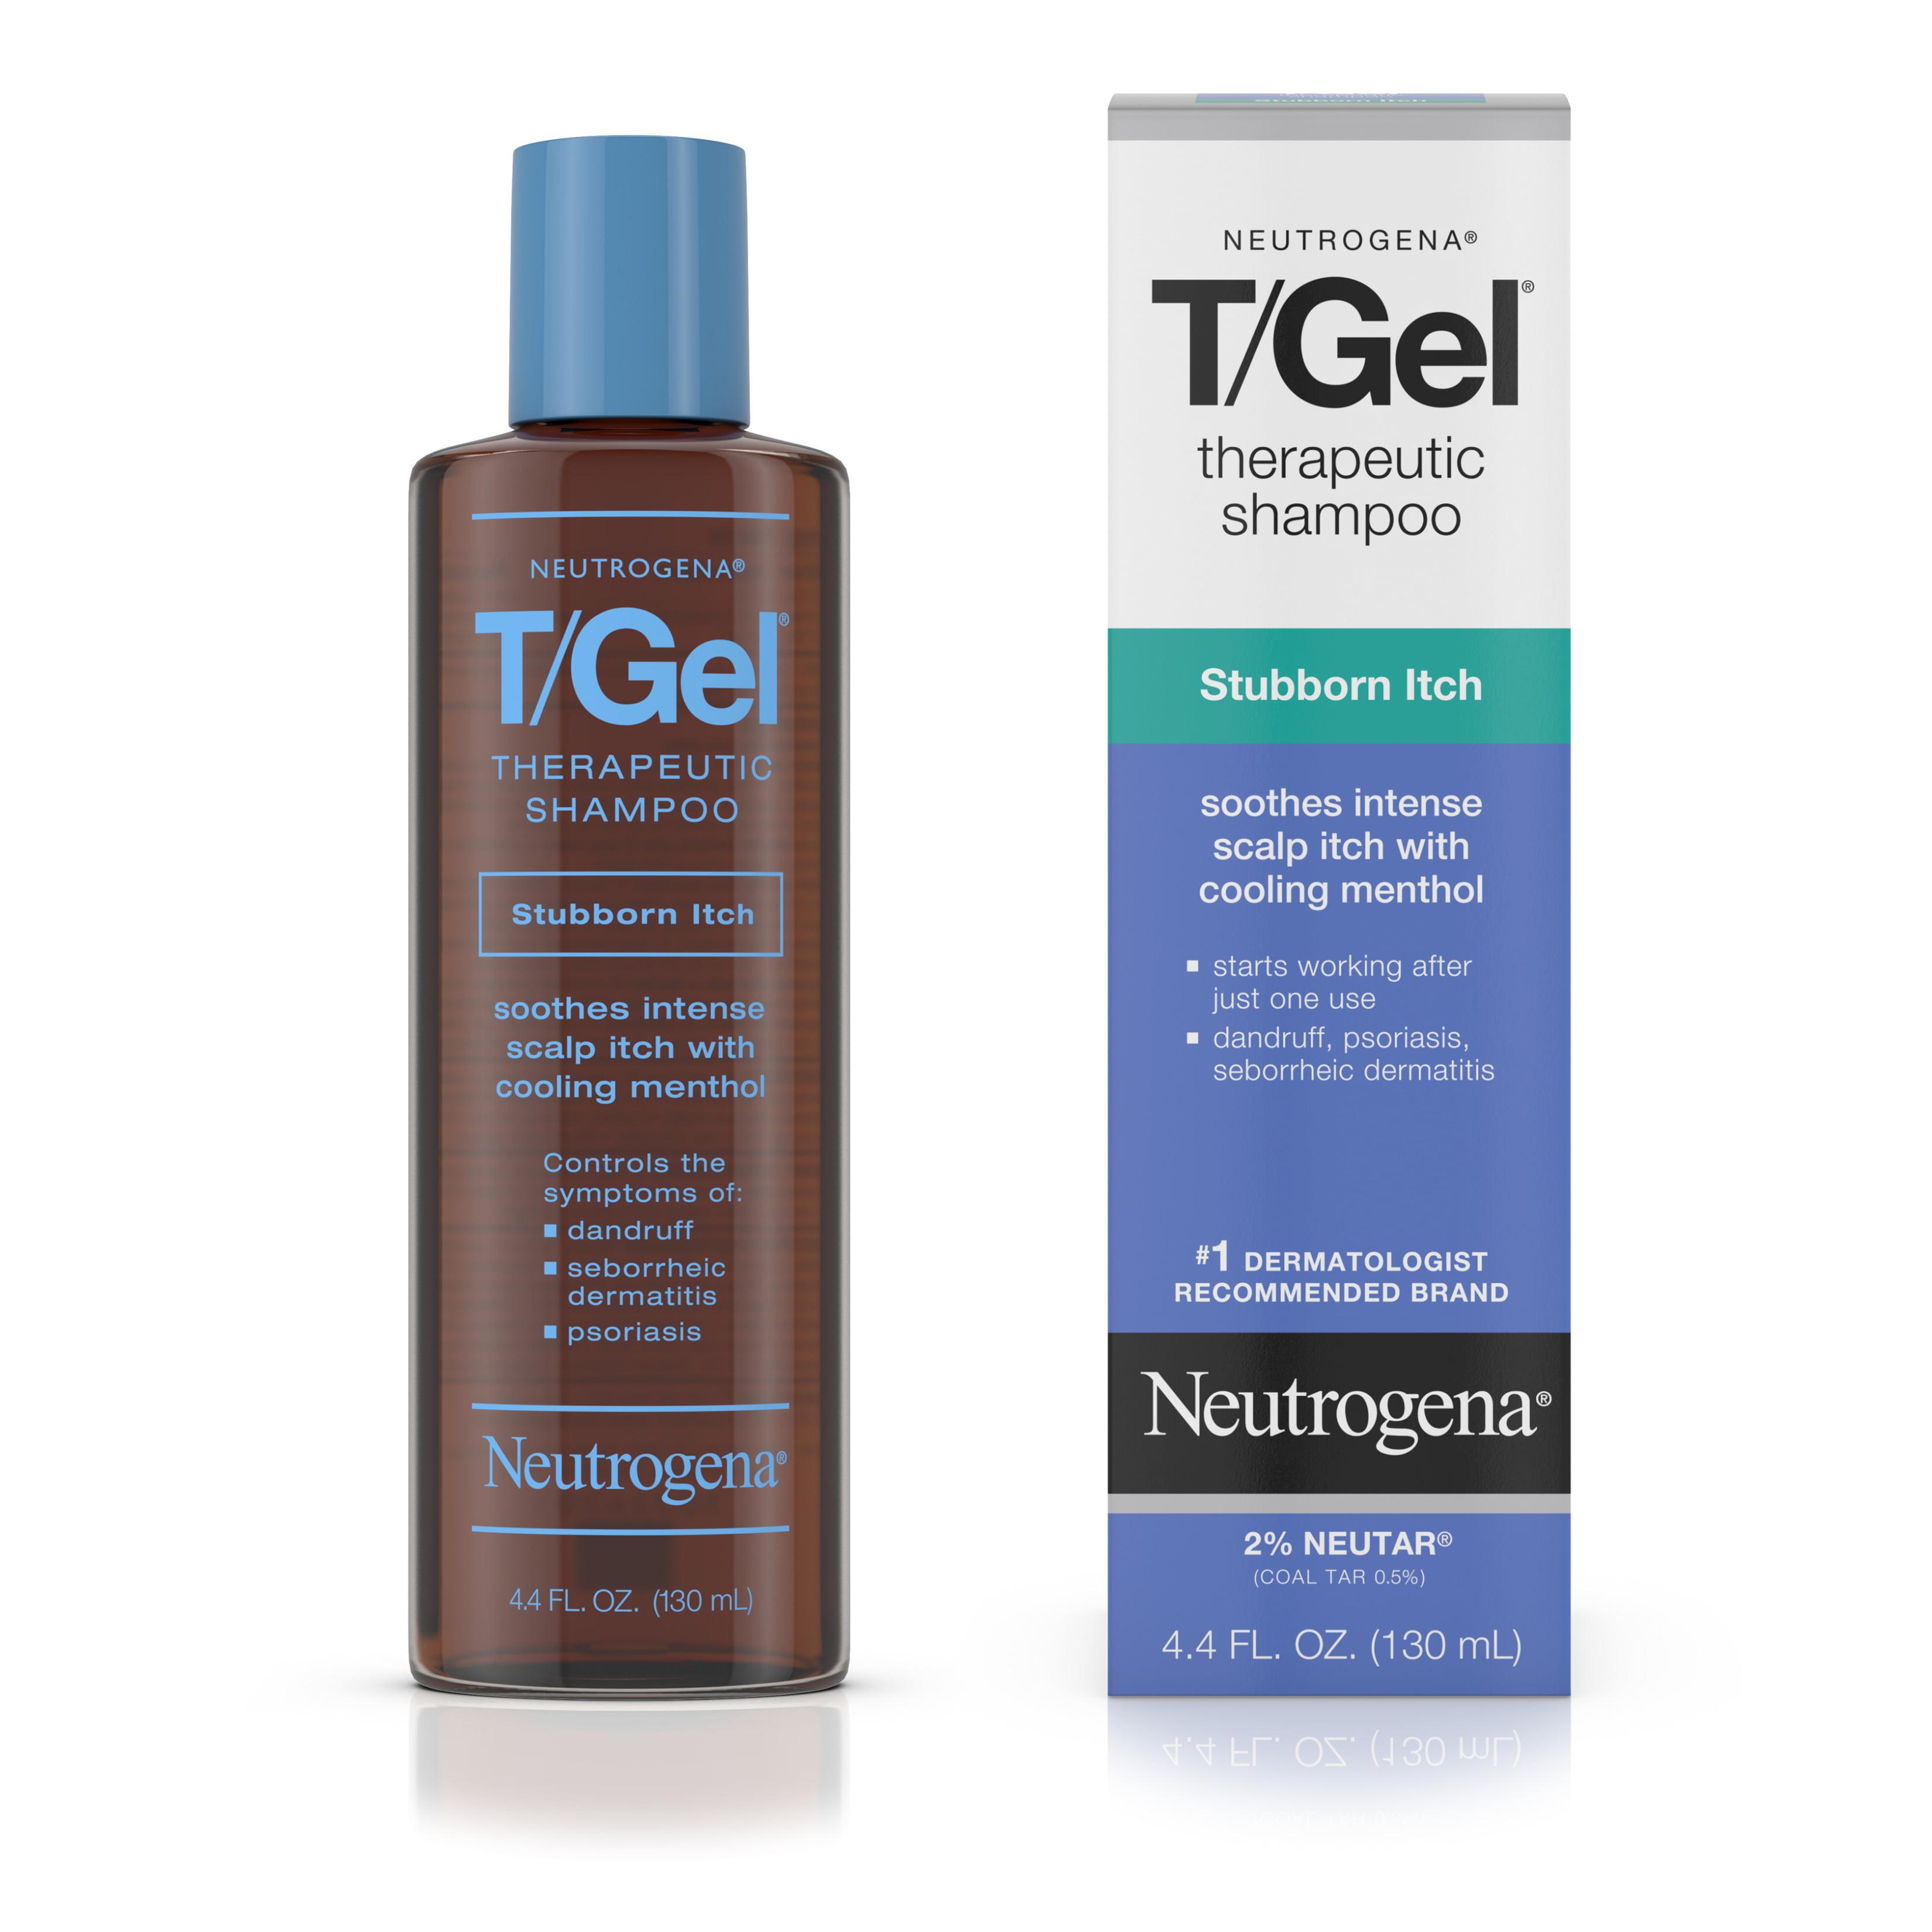 Neutrogena T/Gel Stubborn Itch Therapeutic Dandruff Shampoo, 4.4 fl. oz